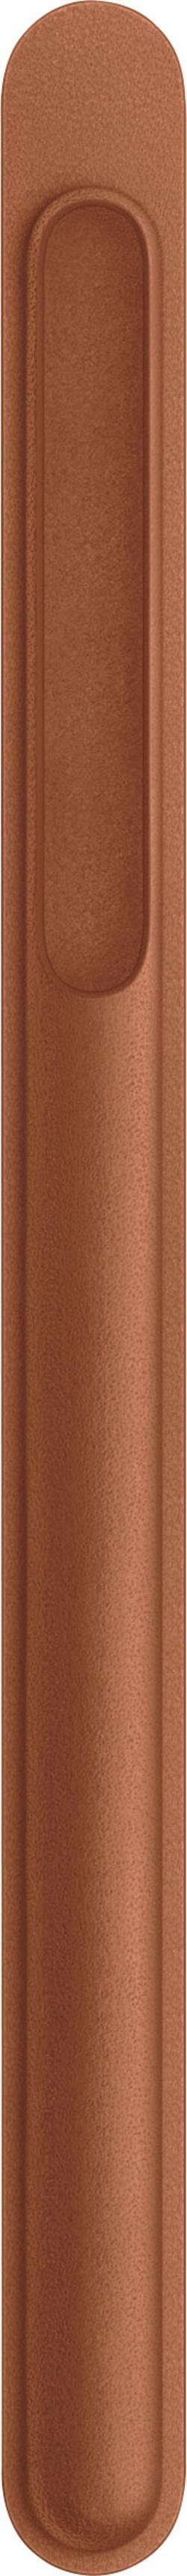 Etui à stylet pour iPad Pro Apple Pencil Case marron cuir